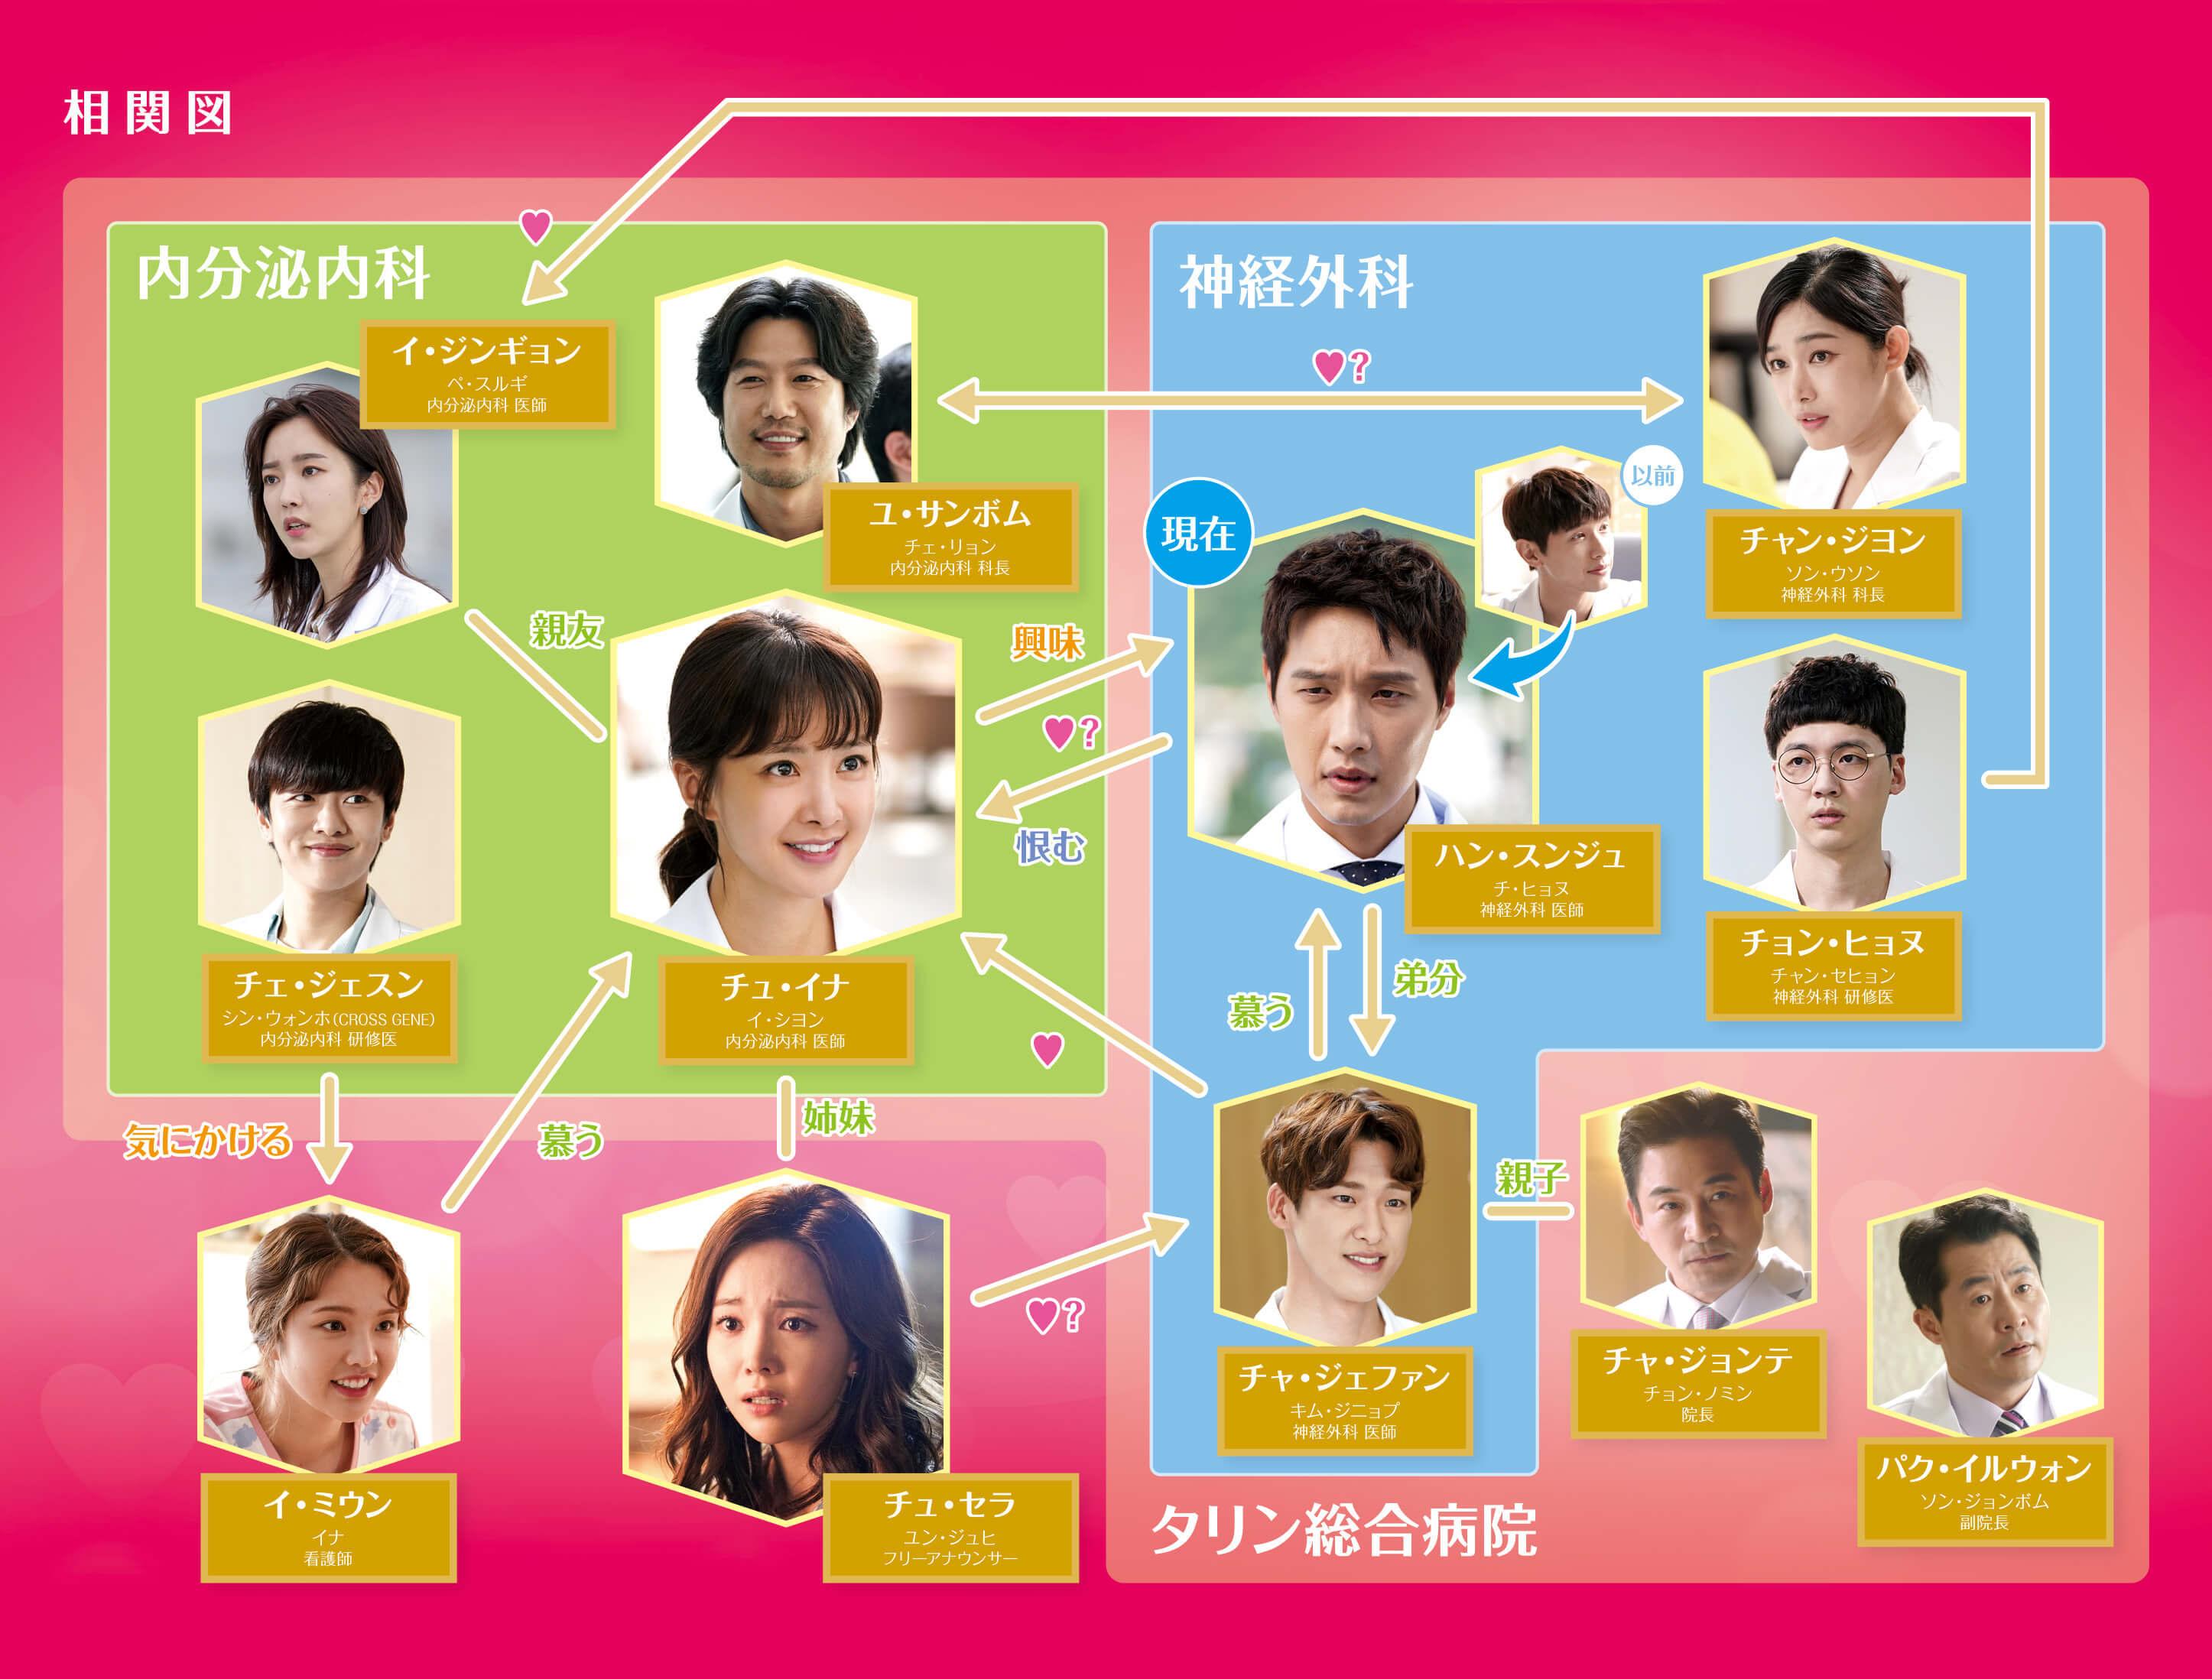 番組 ドラマ bs 表 韓国